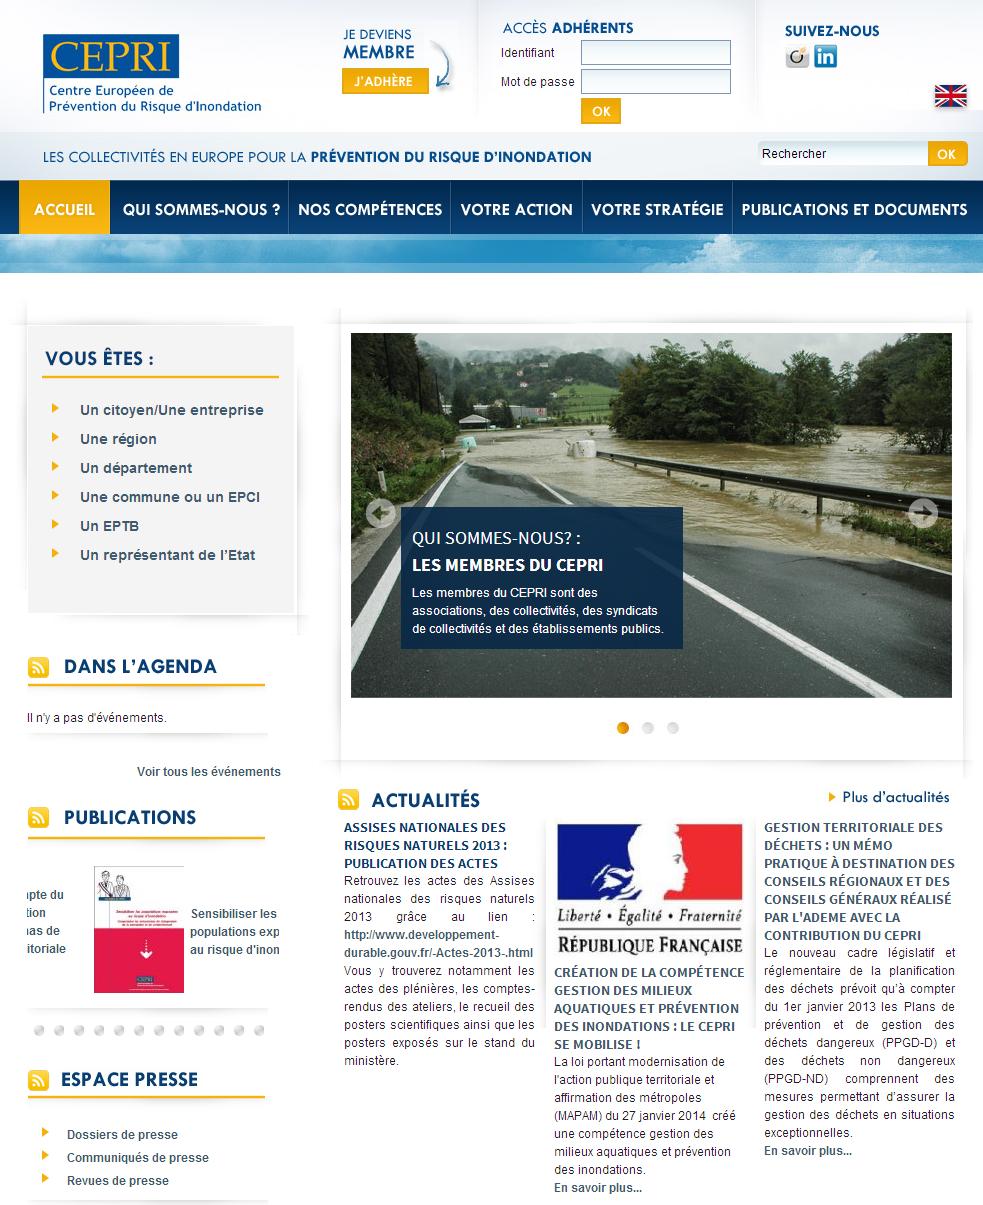 Ce site internet permet aux élus comme à tout citoyen de savoir comment réagir efficacement face à une inondation (risque naturel)